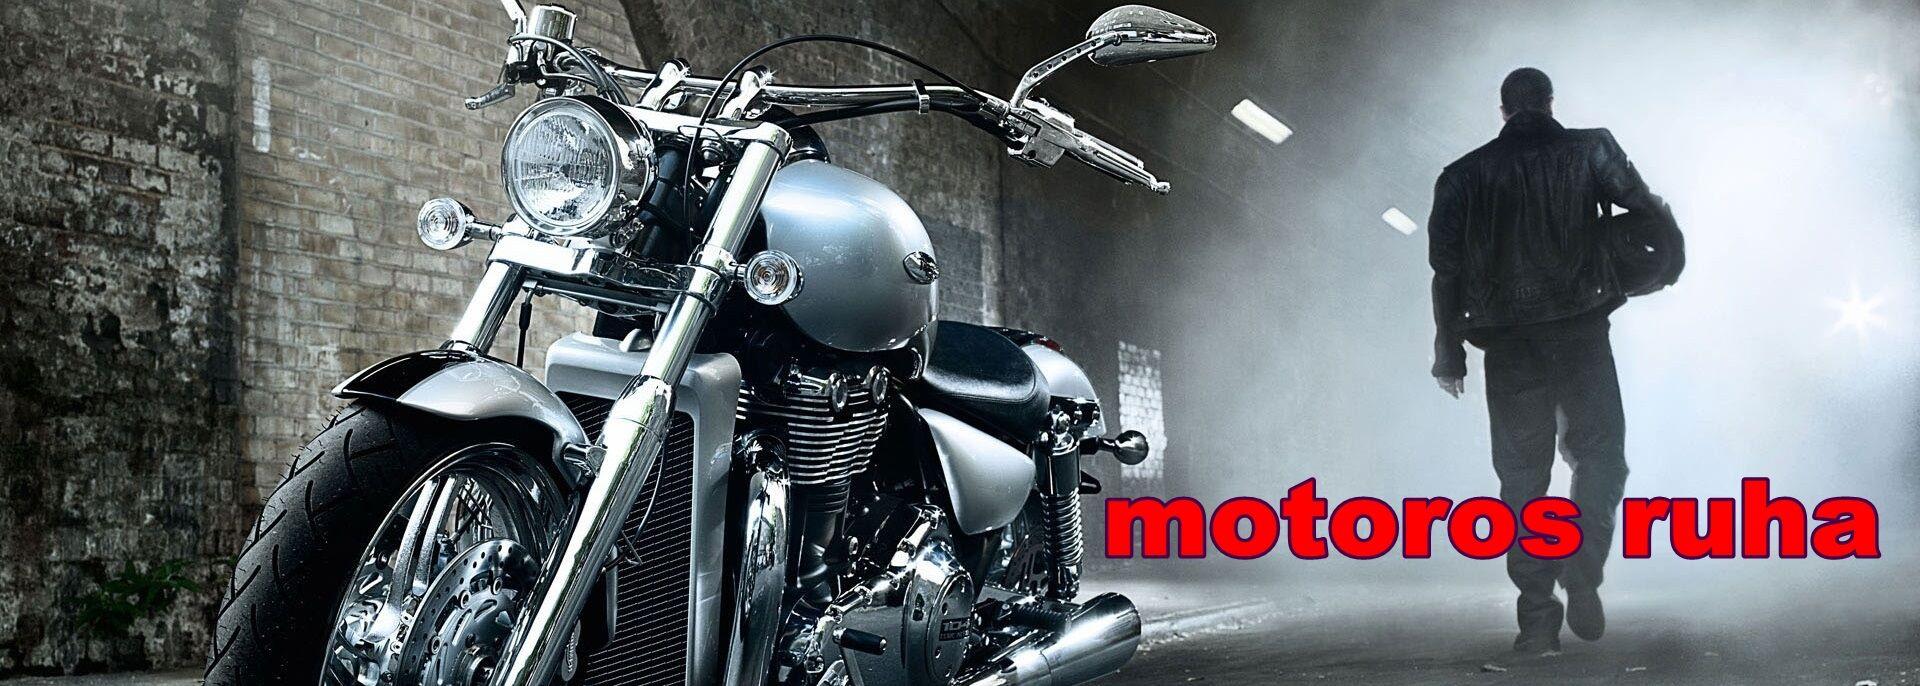 6f4a9c856c Motorarzenál motorosbolt - Webáruházunk kínálata